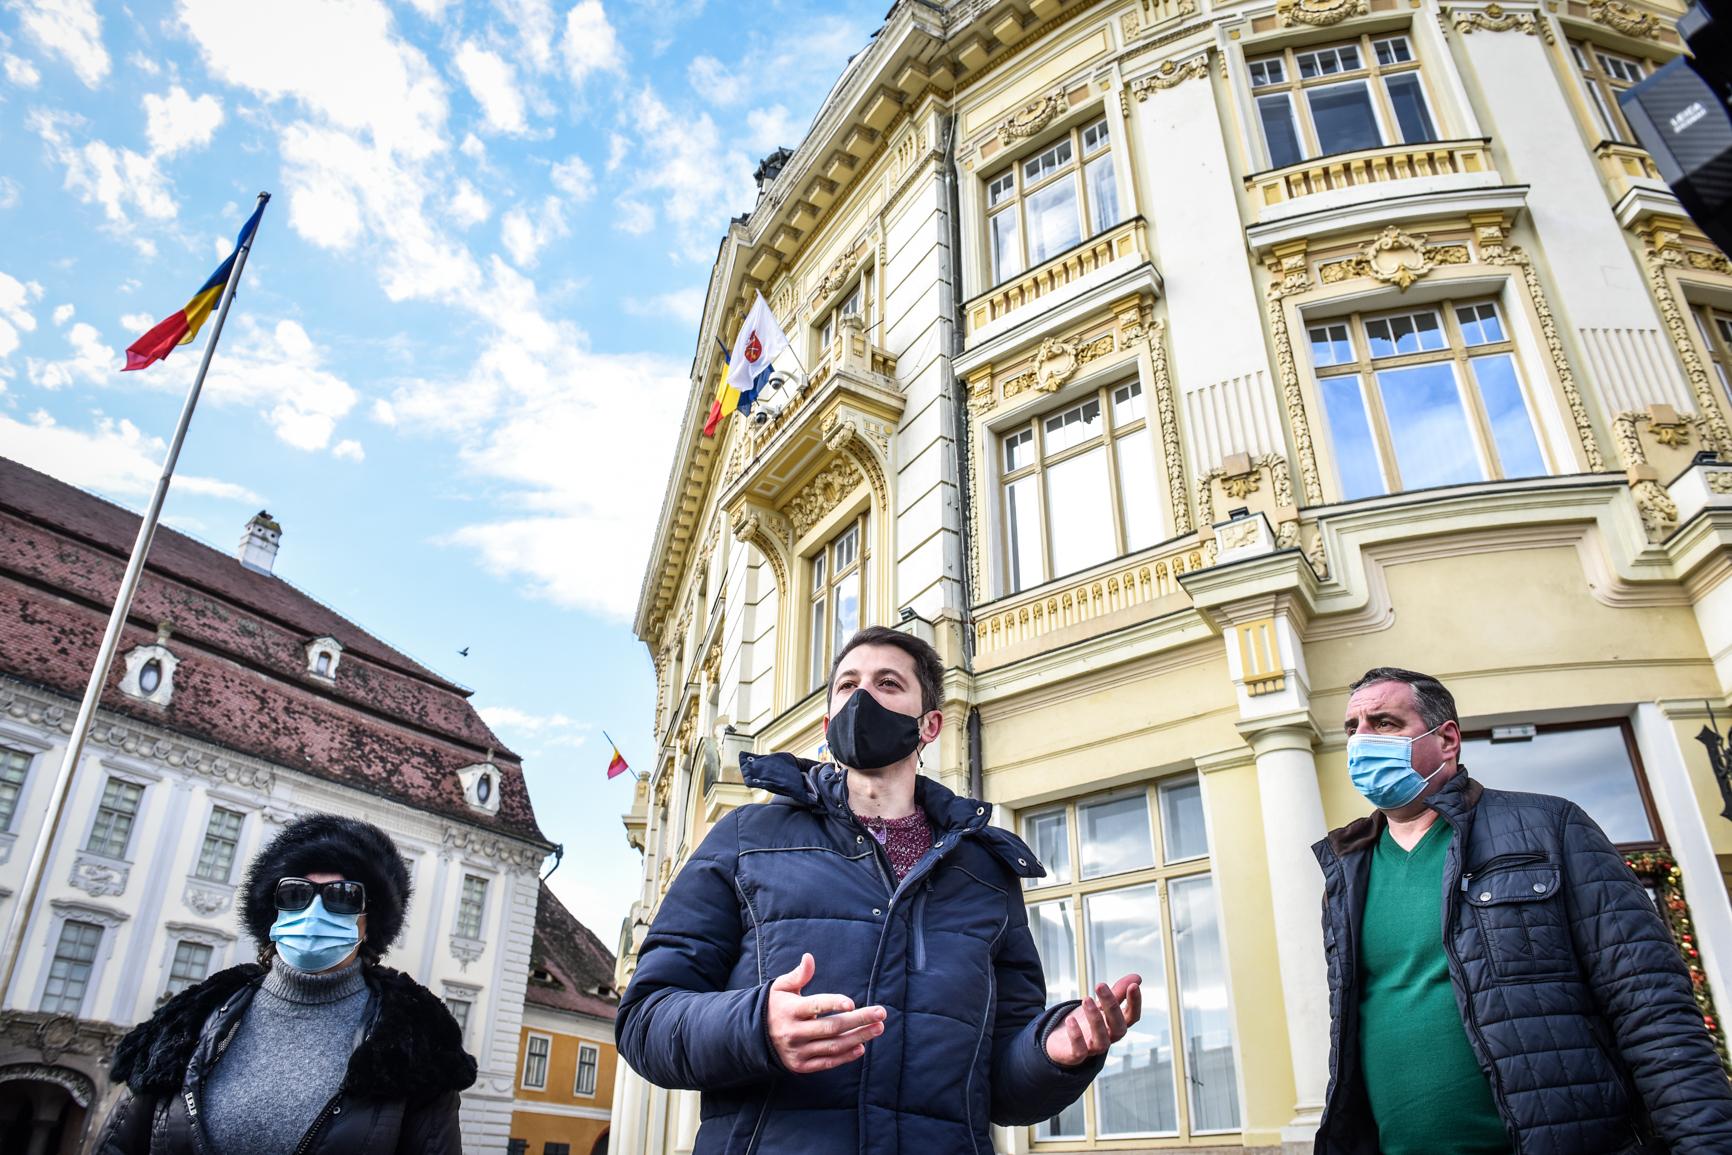 """VIDEO Protest spontan în Piața Mare împotriva taxei de salubrizare. """"Ne reîntâlnim duminică și toate pancartele le aruncăm pe jos"""""""